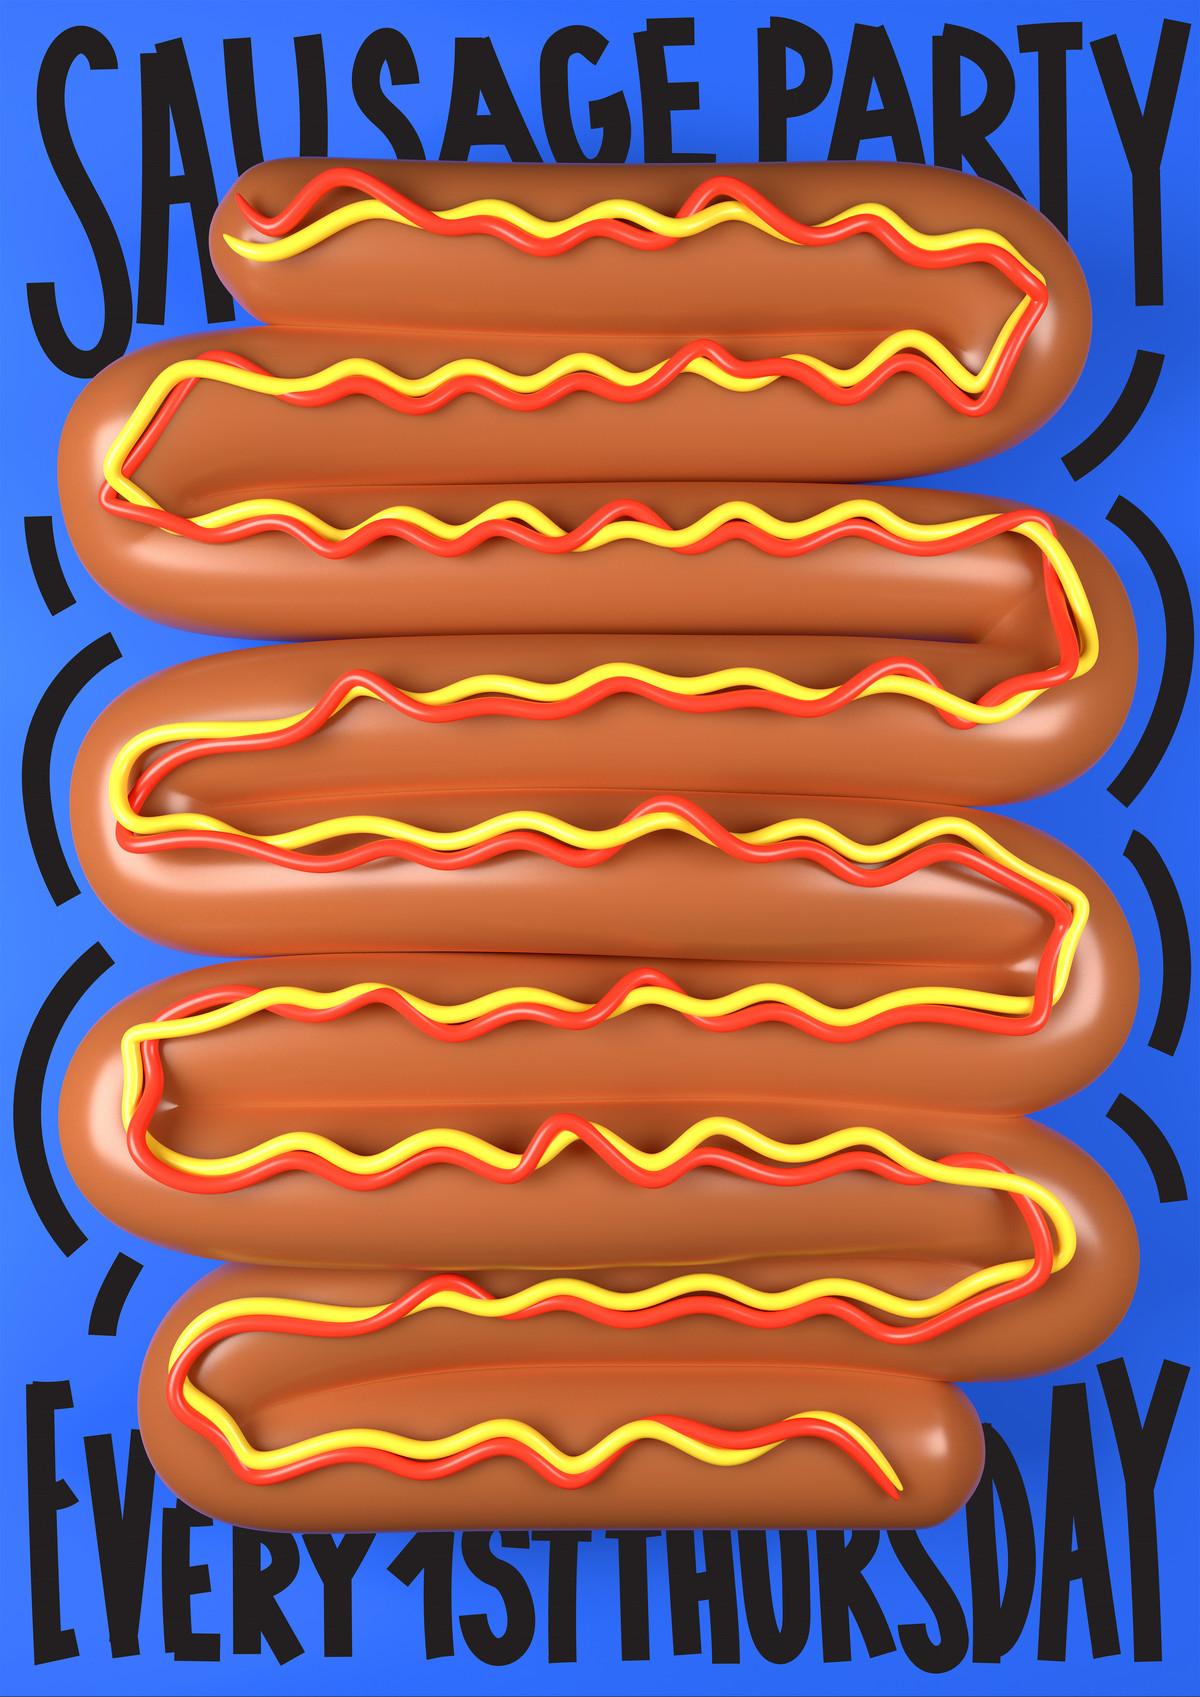 sausage-party-01.jpg